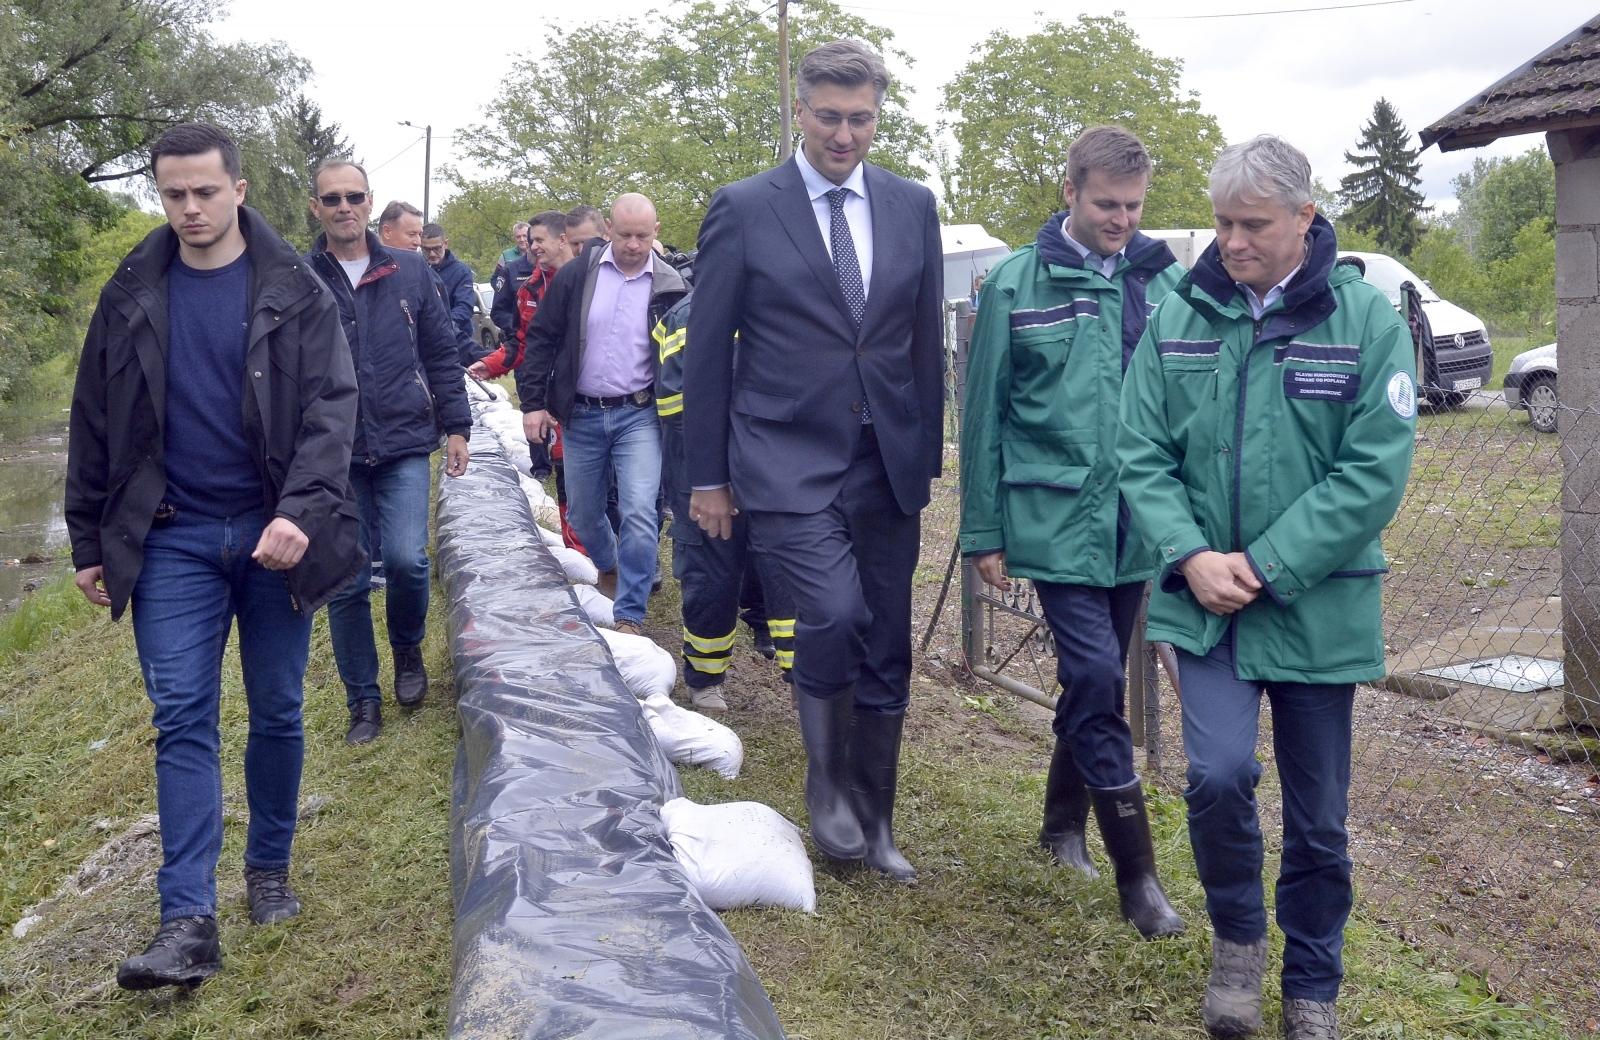 Premijer Andrej Plenković obišao ugrožena područja u Jasenovcu